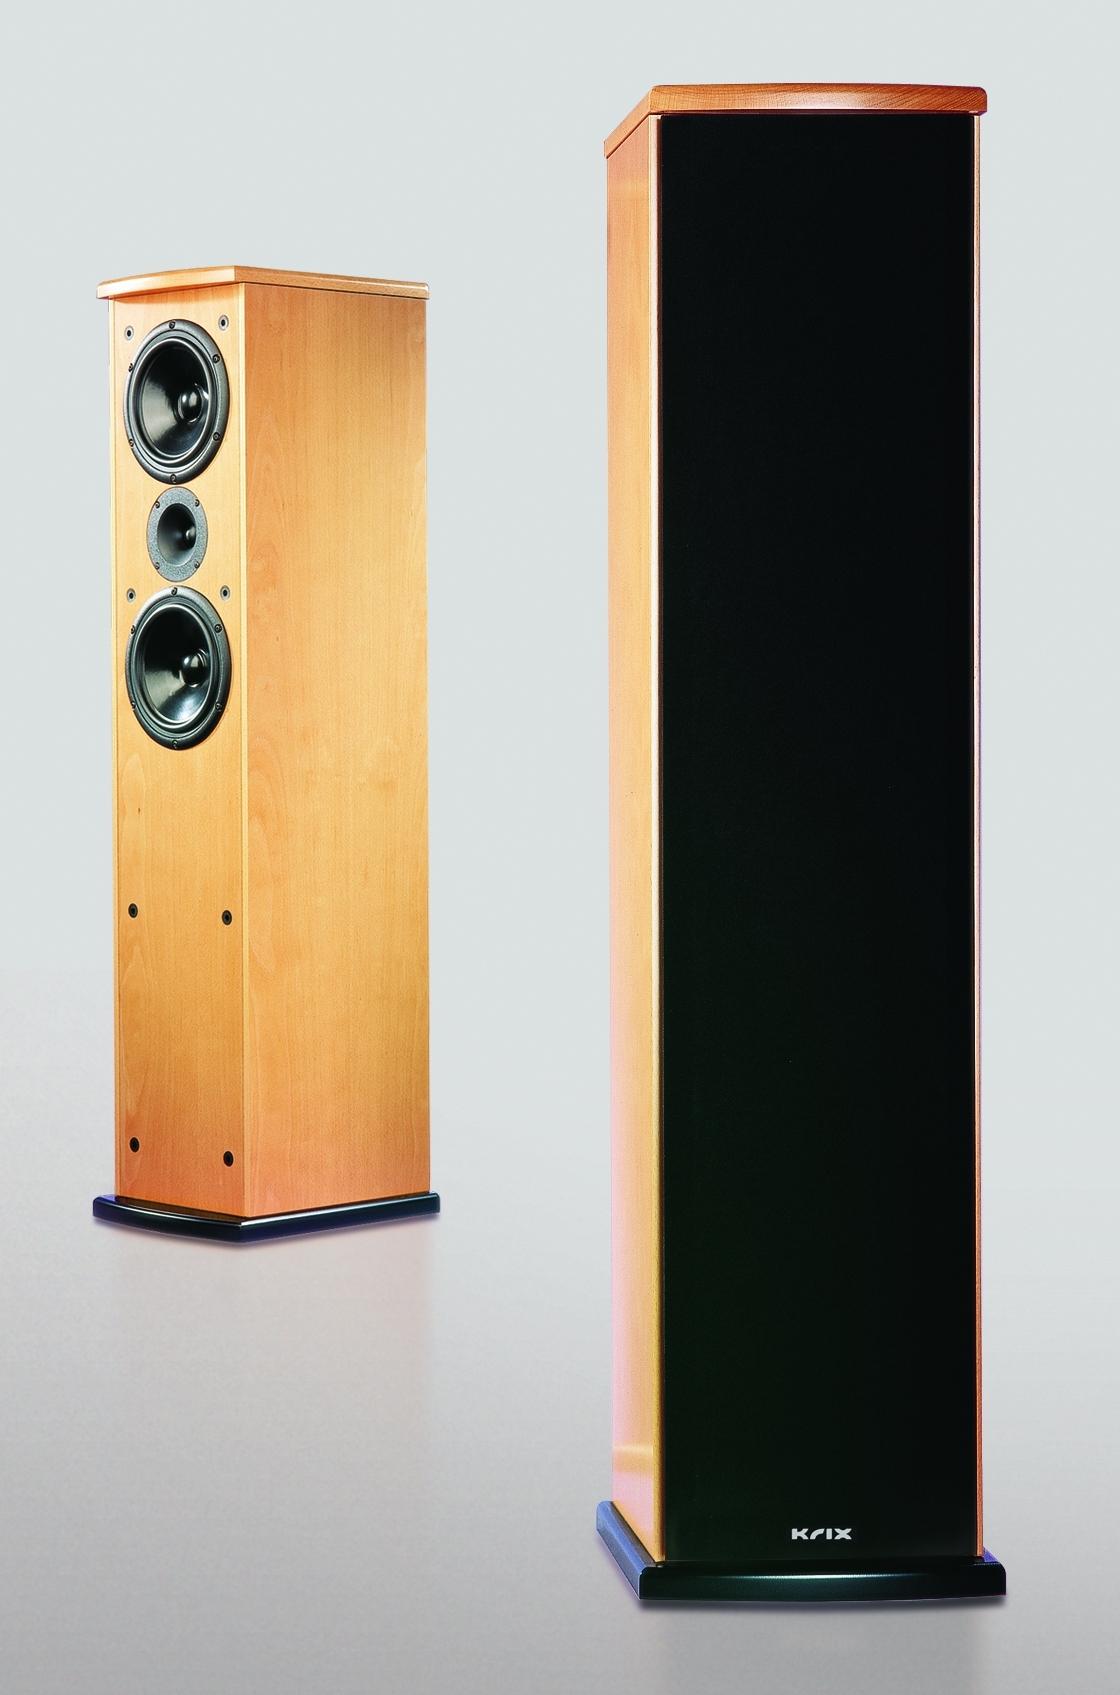 Krix Symphonix floor standing speaker for home theatre or